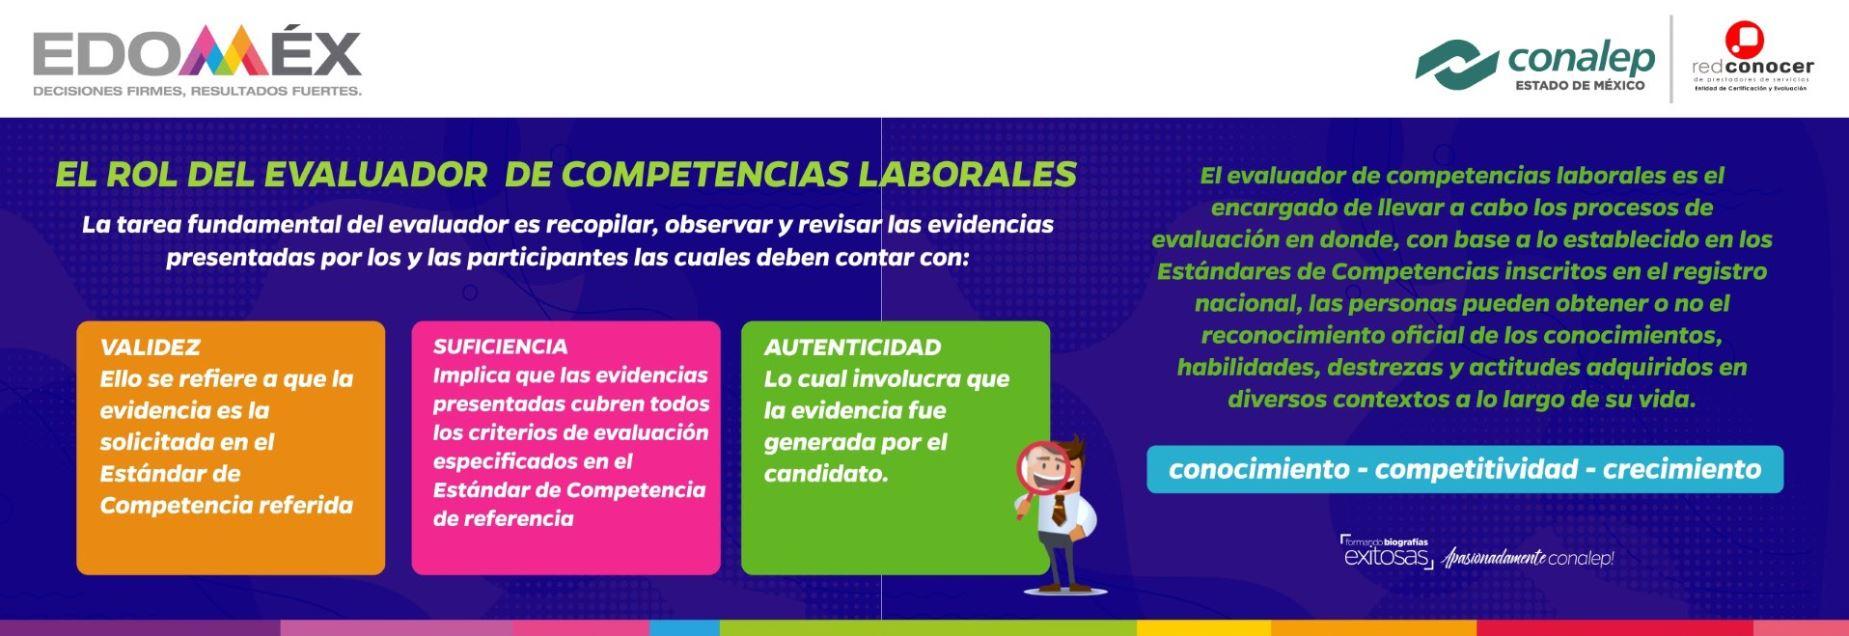 BannerEvaluadorDeCompetenciasLaborales